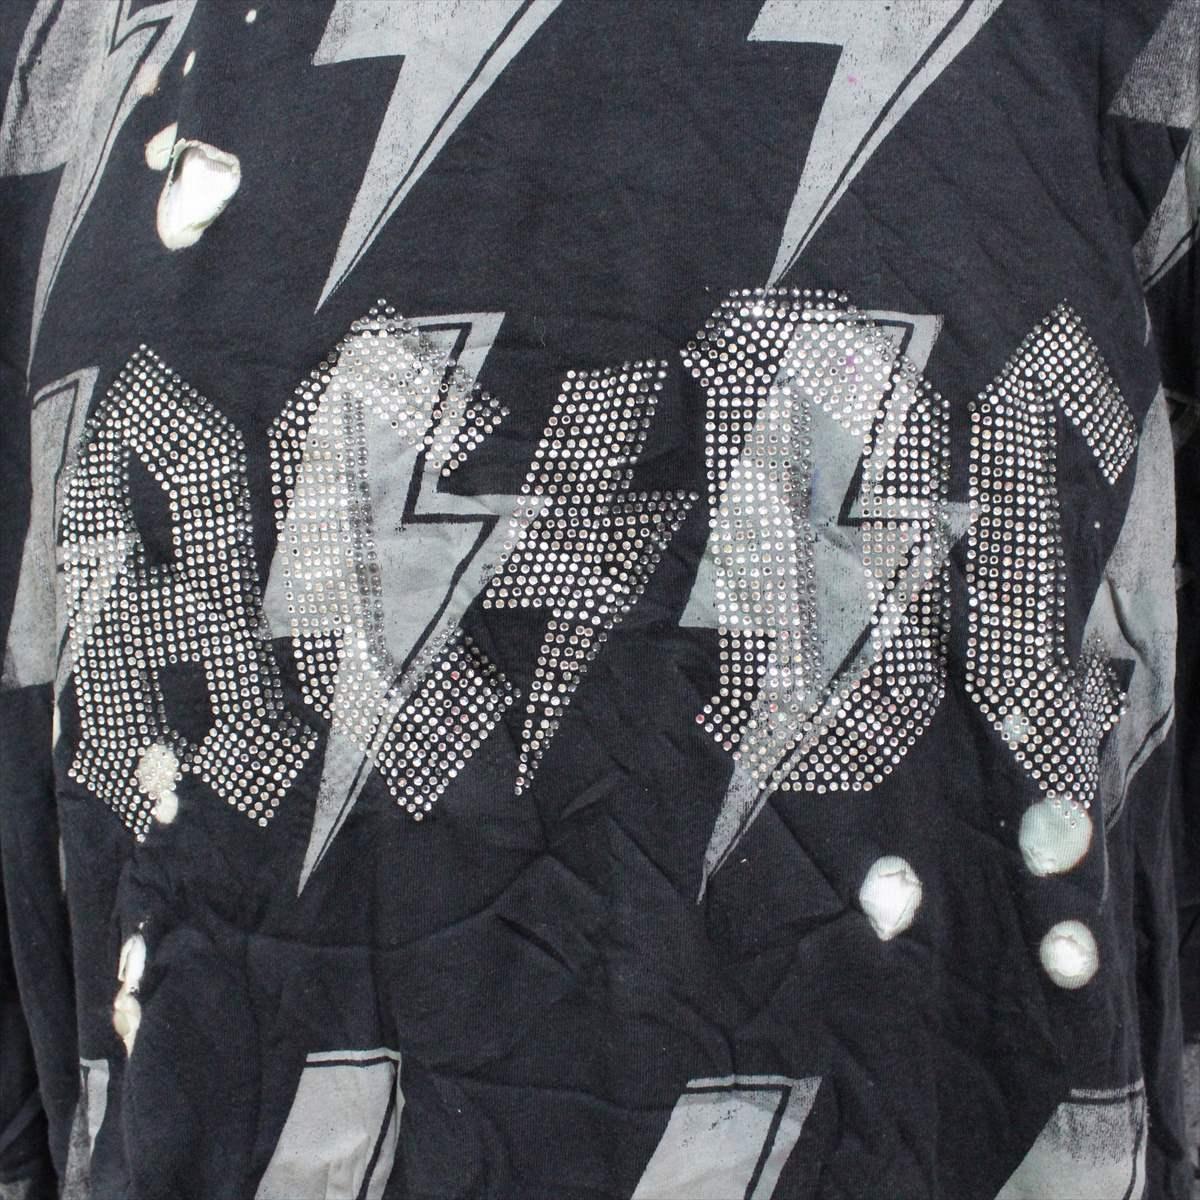 サディスティックアクション SADISTIC ACTION アイコニック ICONIC COTURE メンズ半袖Tシャツ AC/DC Sサイズ 新品_画像2